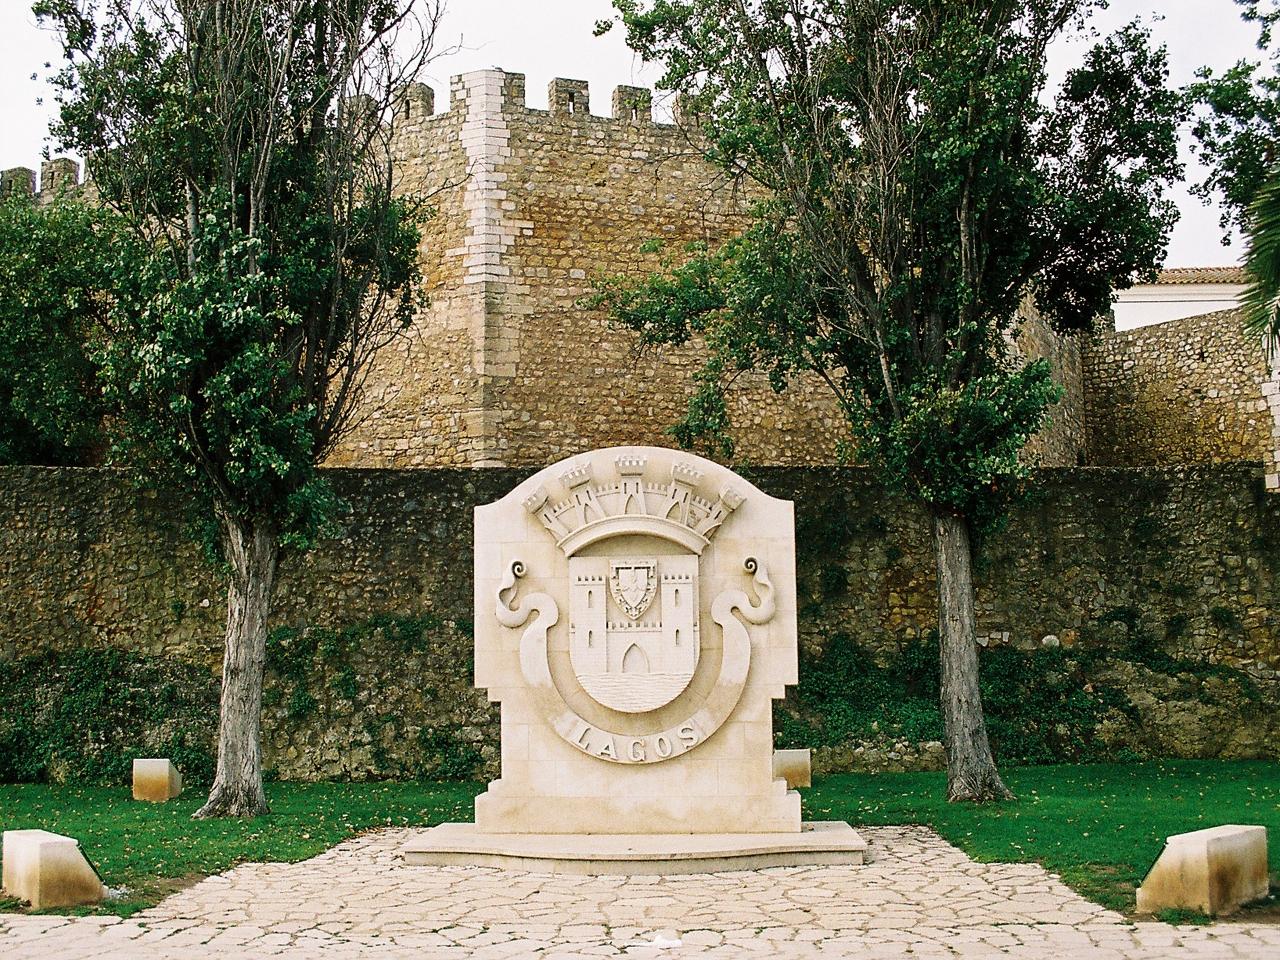 Lagos: Castelo do Governador